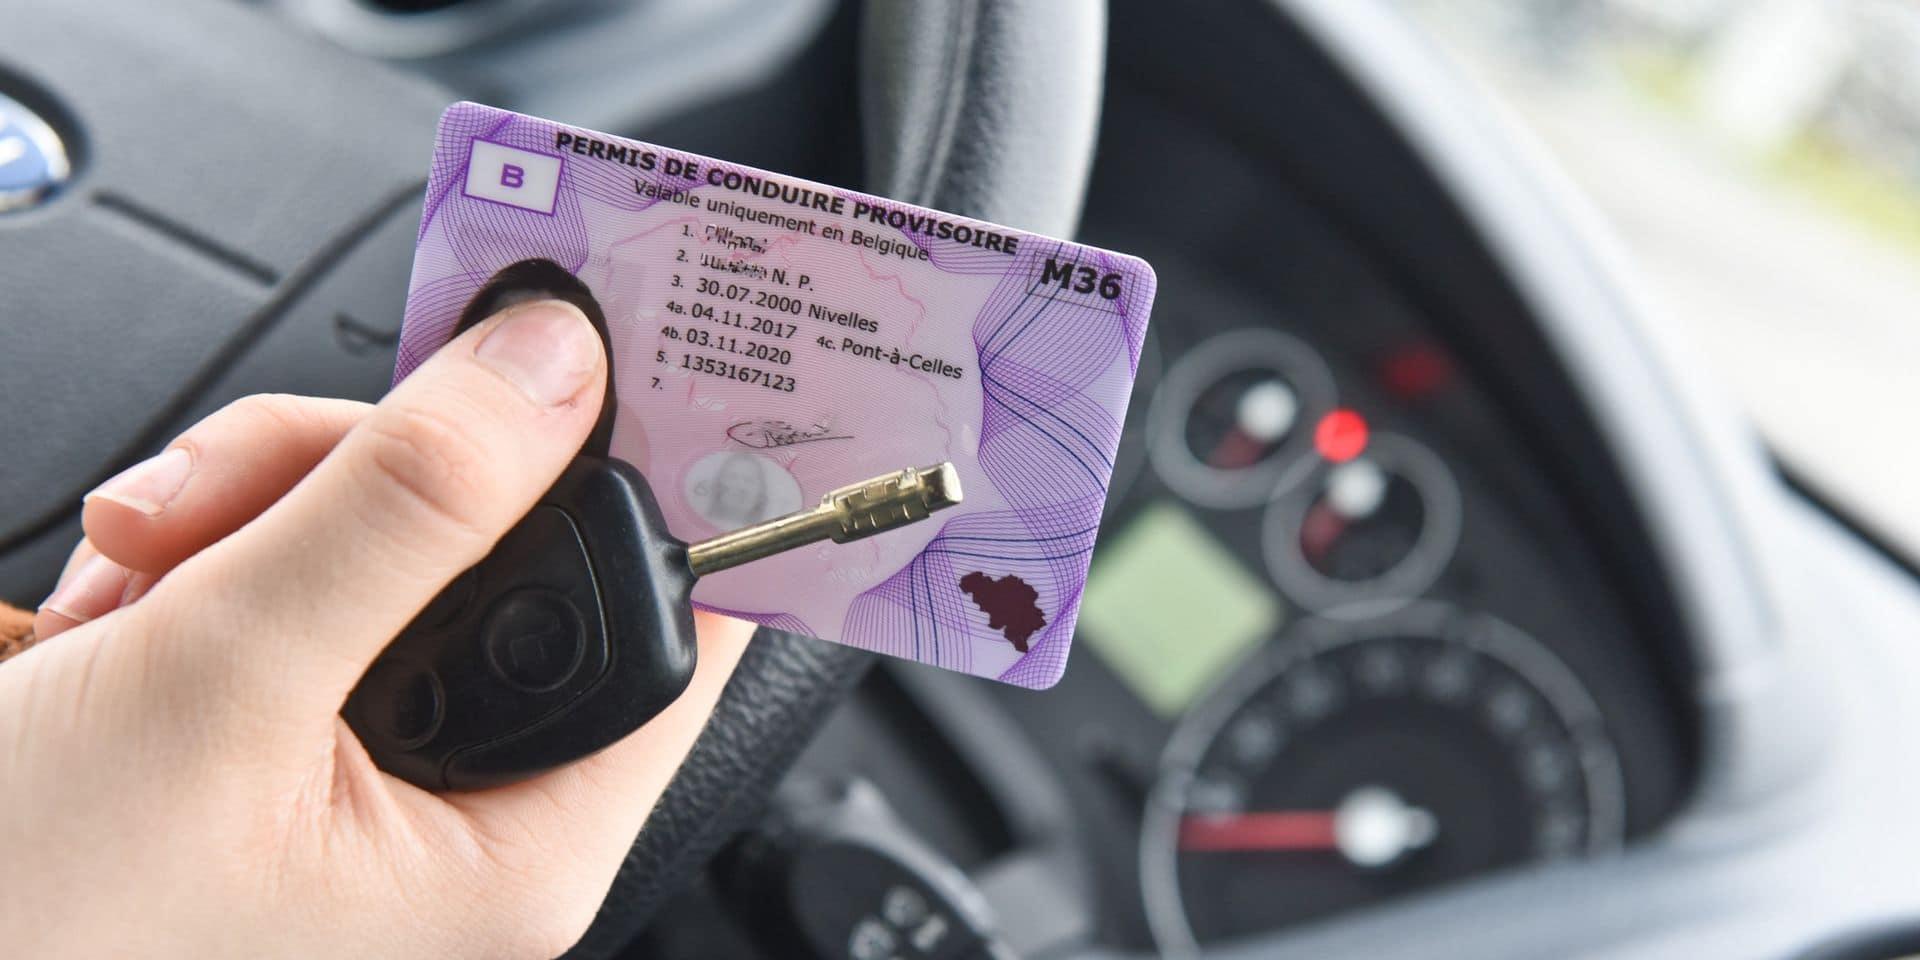 Permis de conduire : la validité des documents prolongée de trois mois